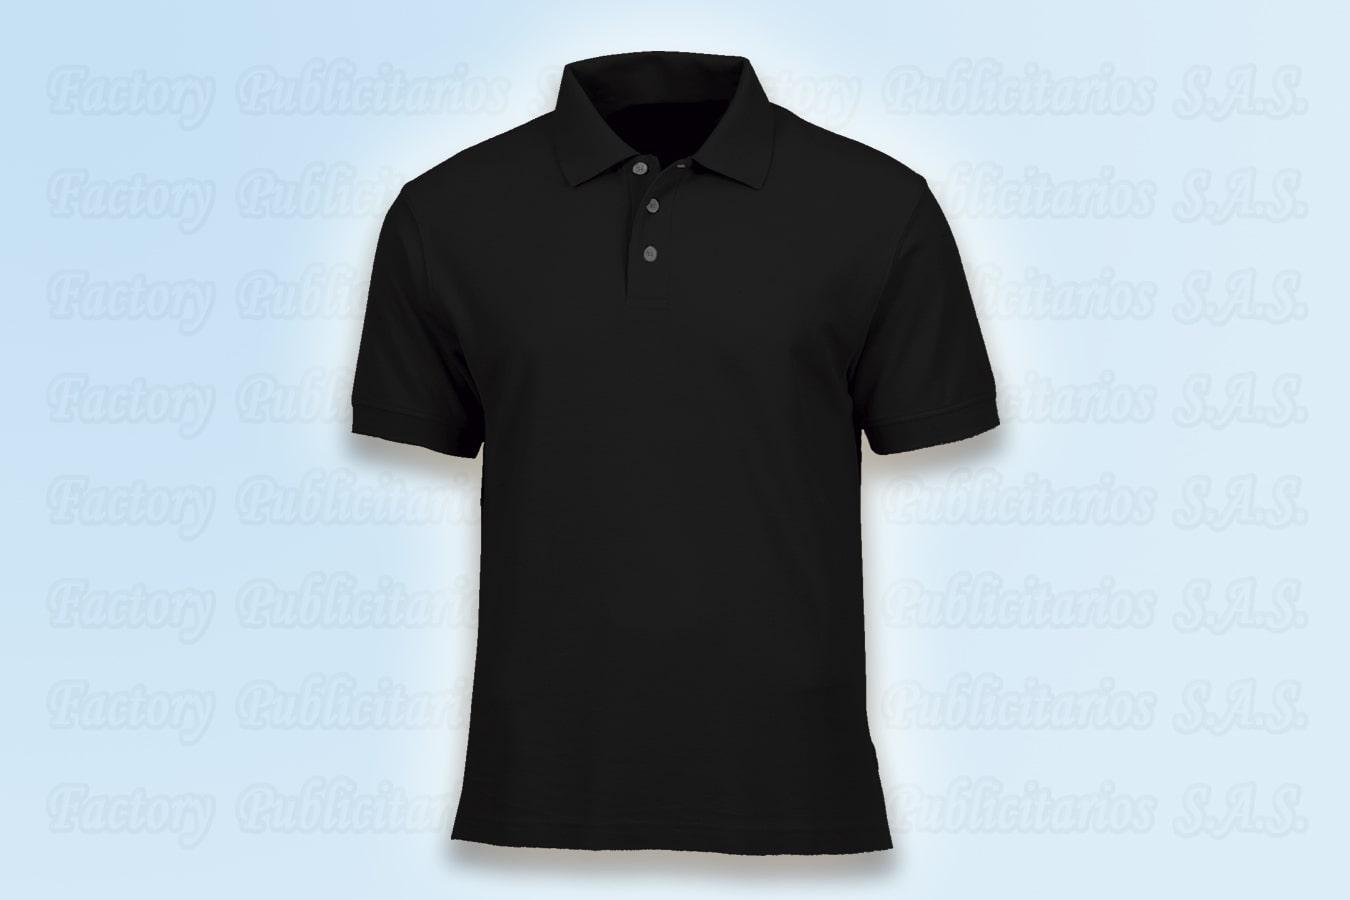 Polos personalizadas negras